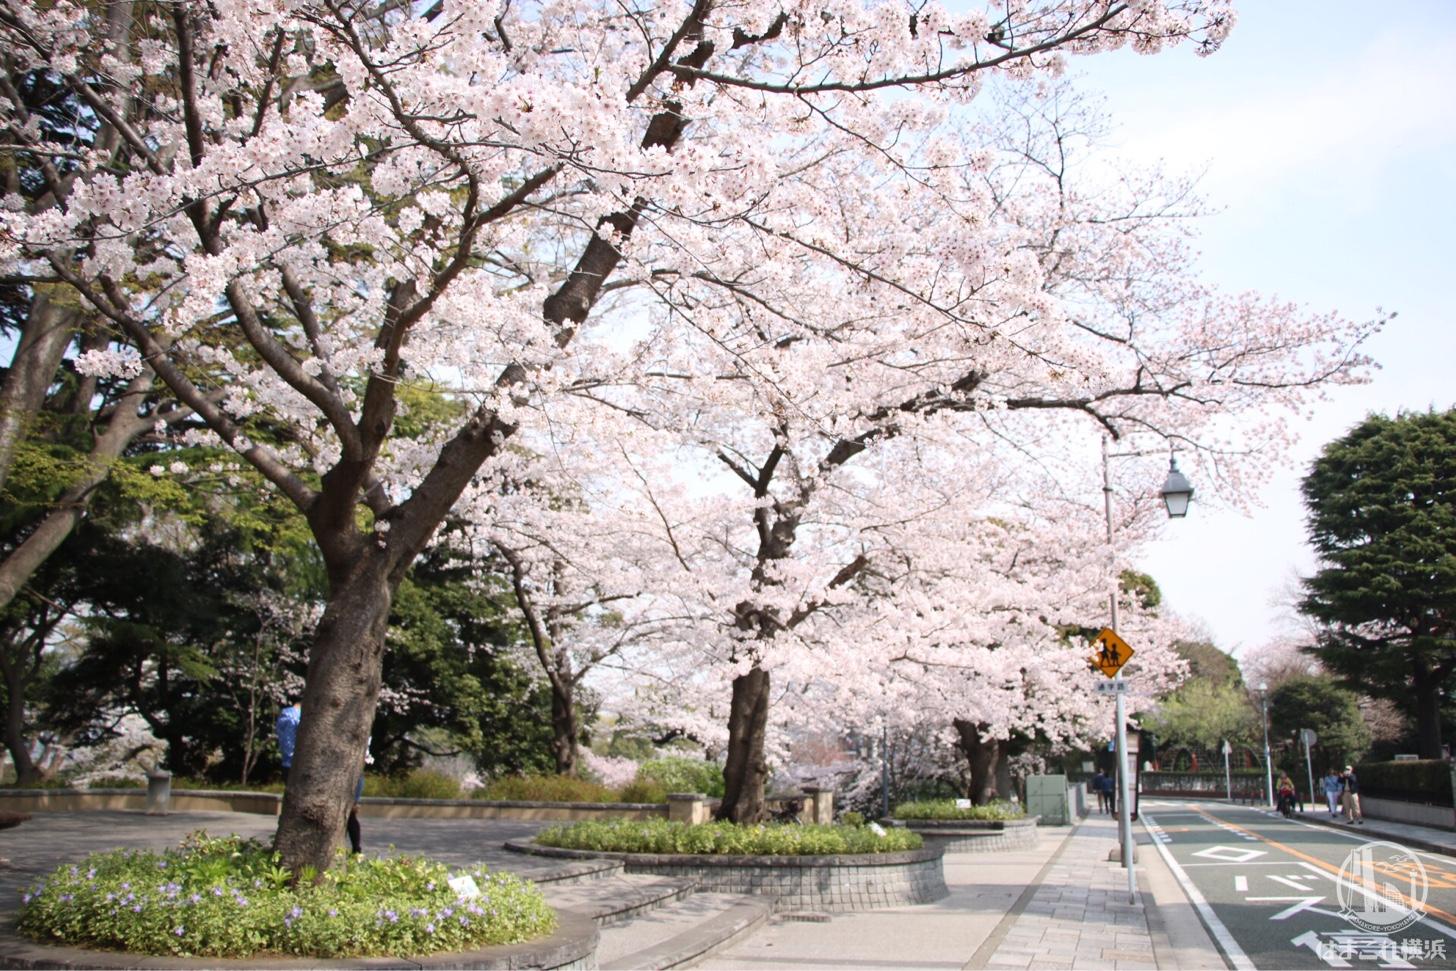 元町公園 満開の桜